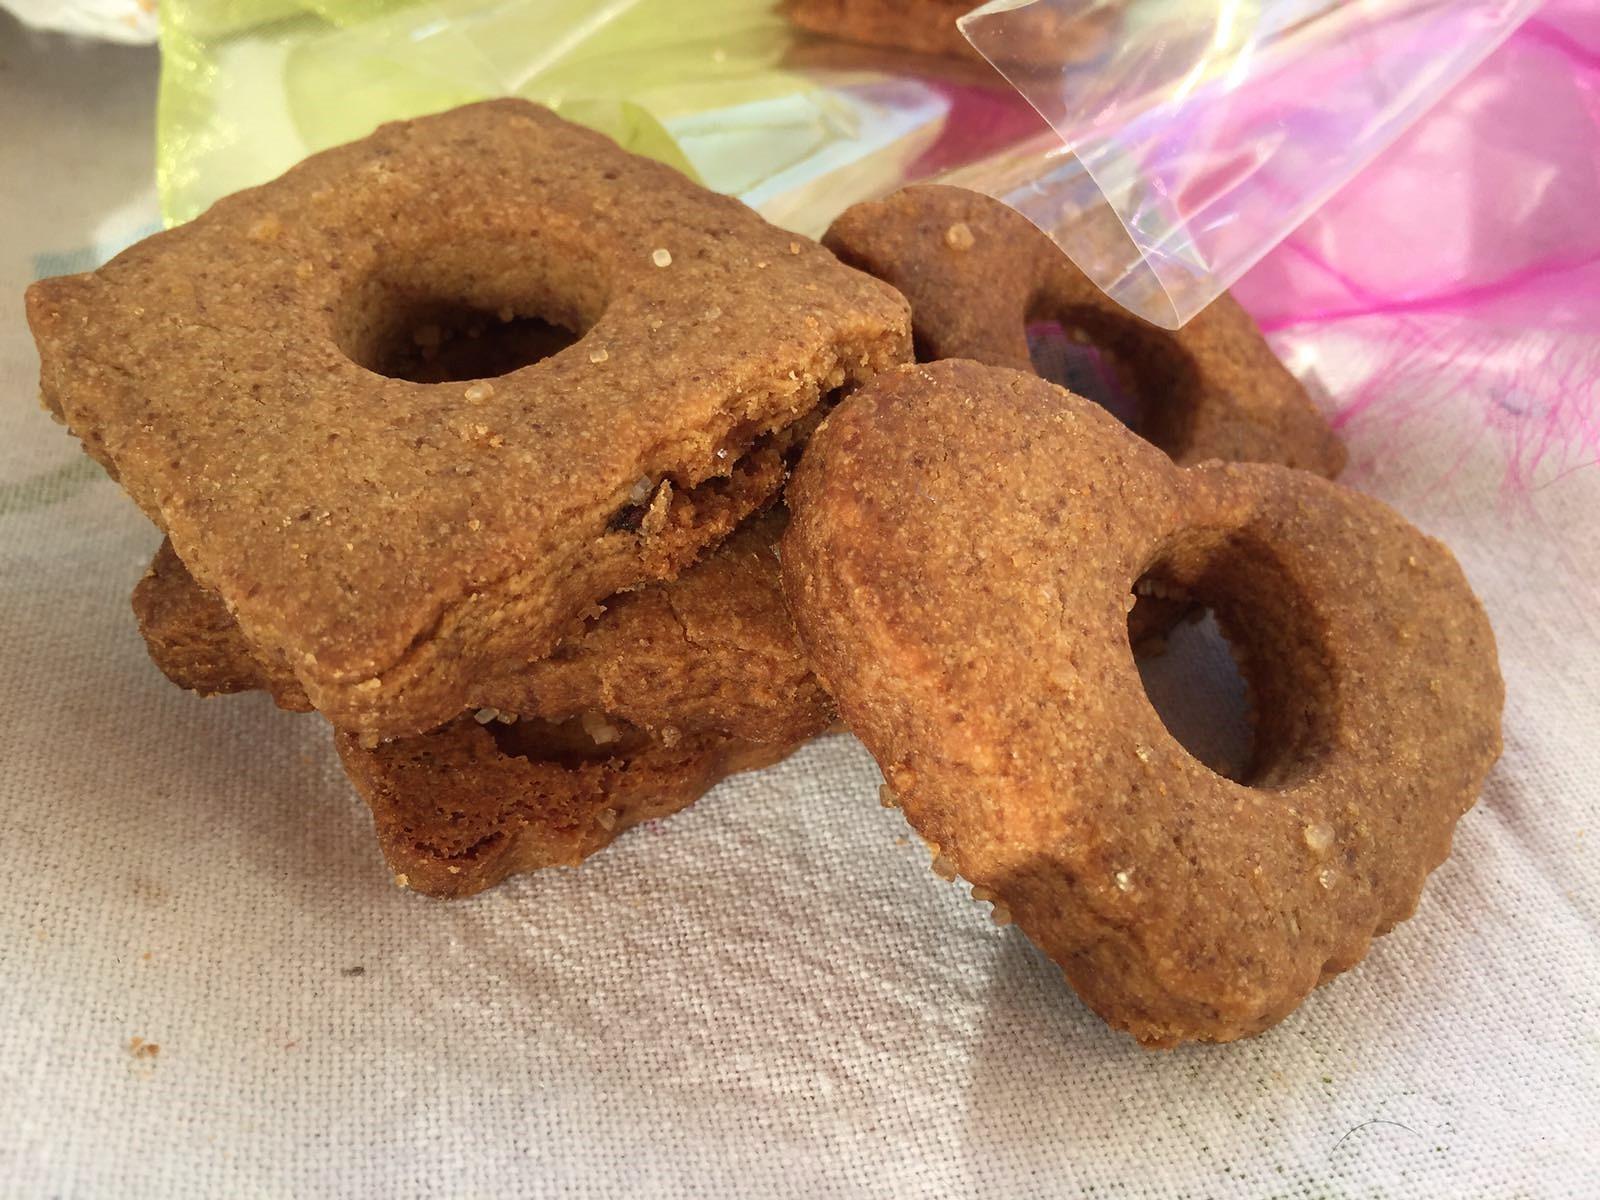 Frollini Al Caramello Muscovado Un Biscotto Delizioso Al Sapor Di